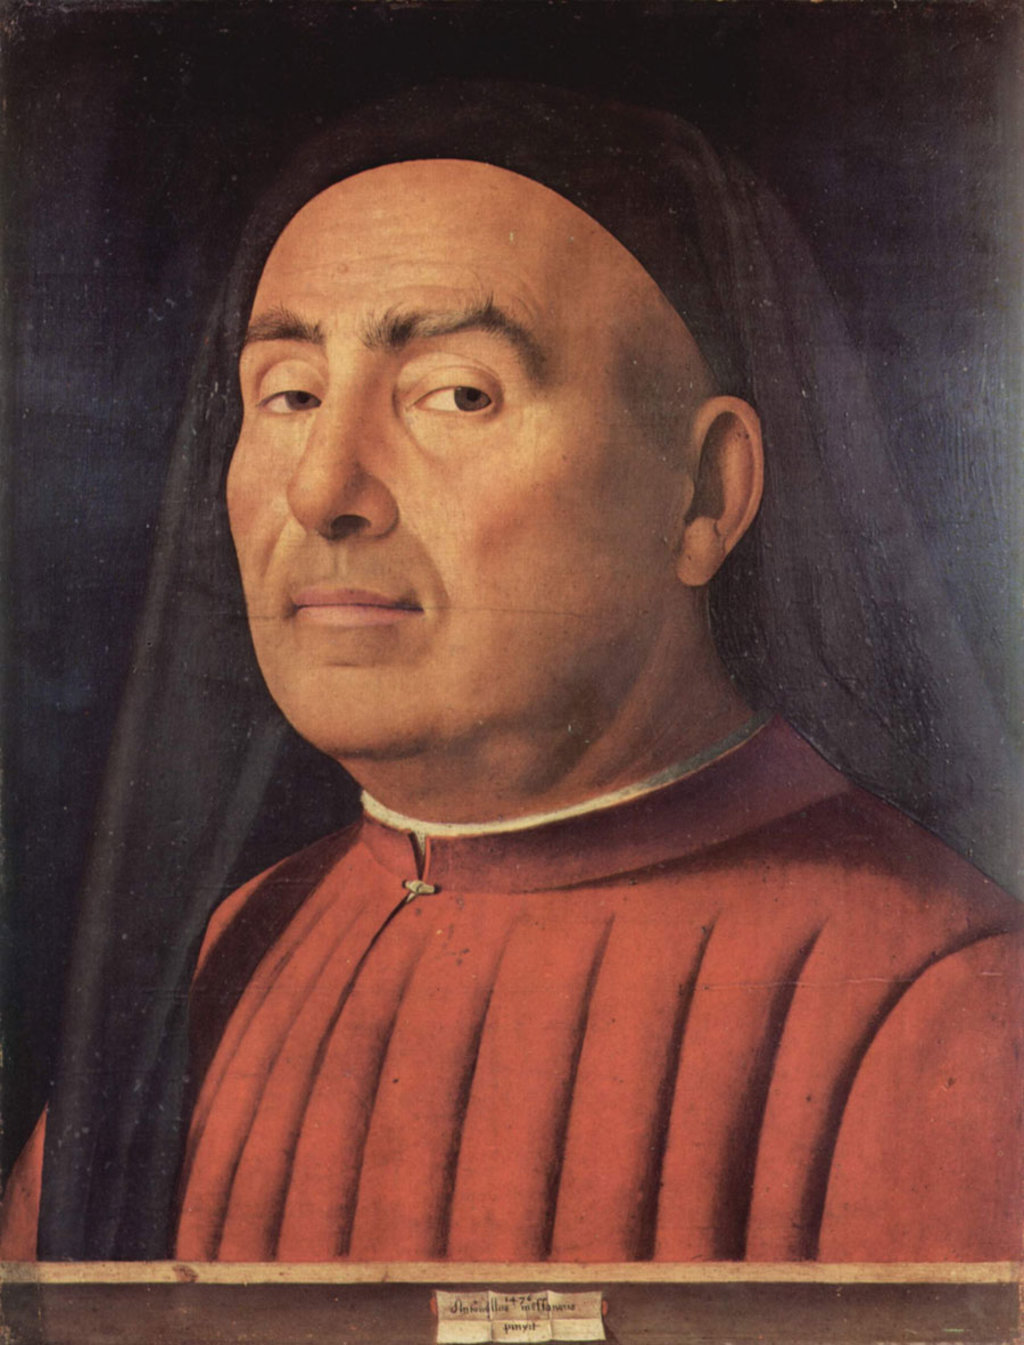 Palazzo Madama, Galleria Civica d'Arte Antica: Ritratto d'uomo, Antonello da Messina - Torino: 10 musei da vedere  , via Wikimedia Commons